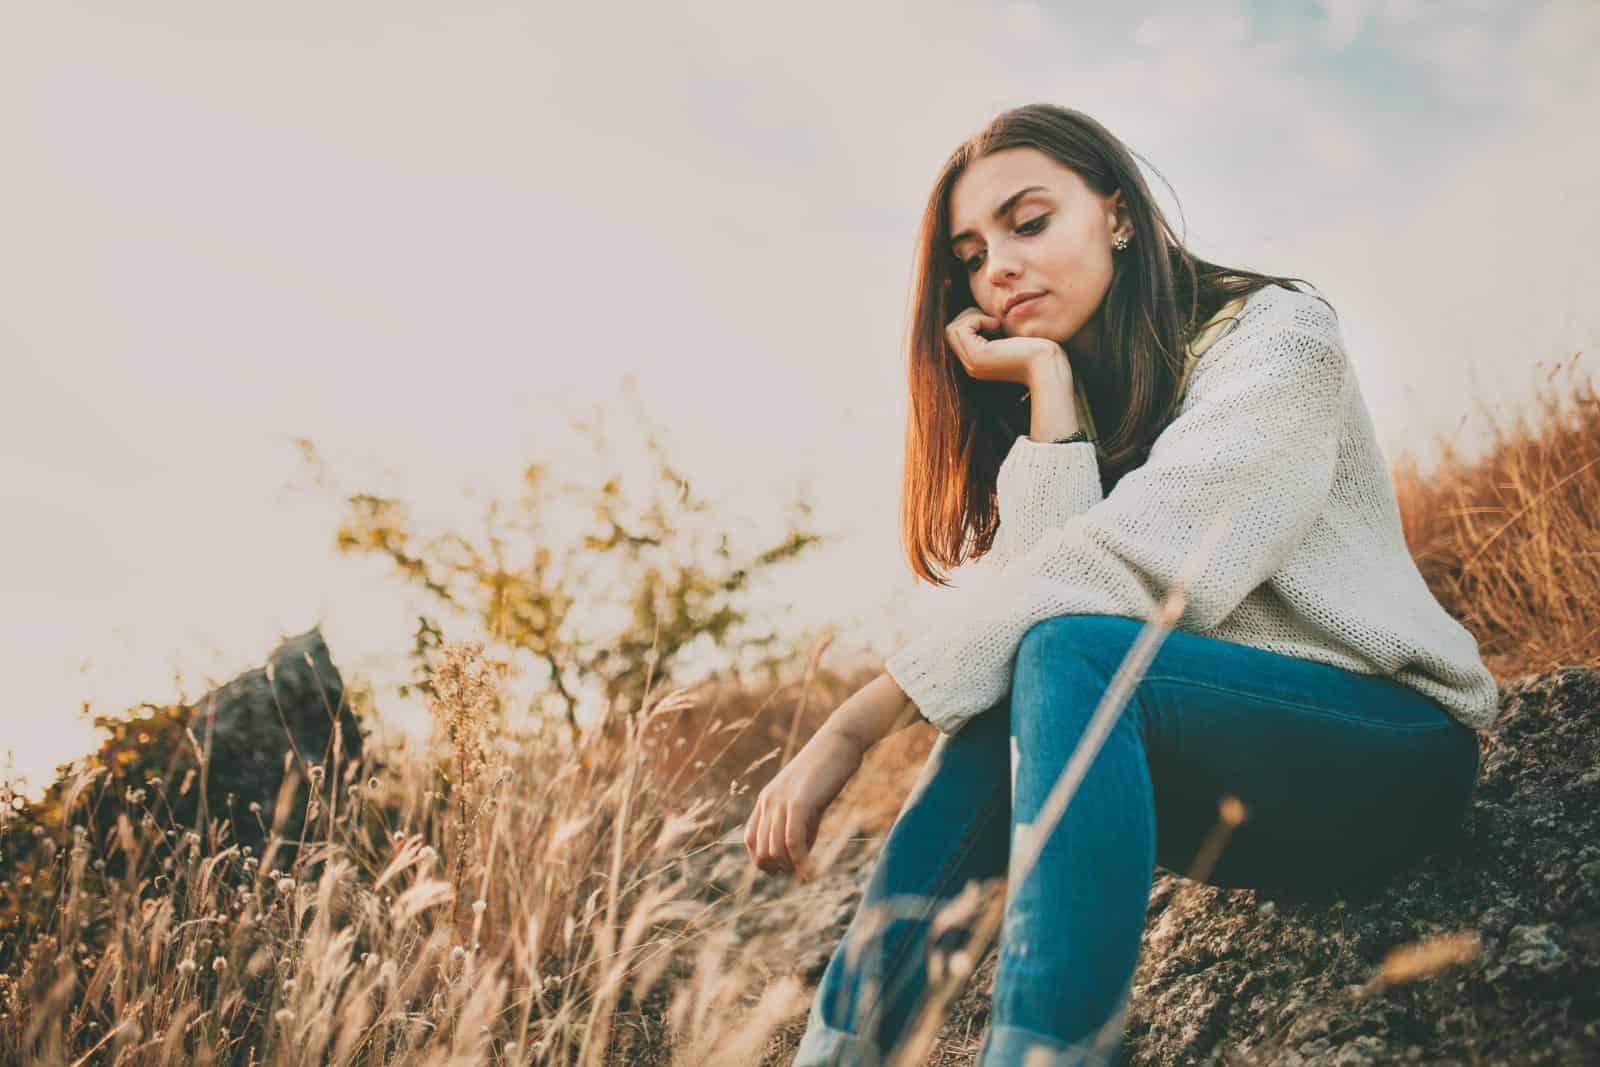 Ein trauriges Mädchen beobachtet die Ohren